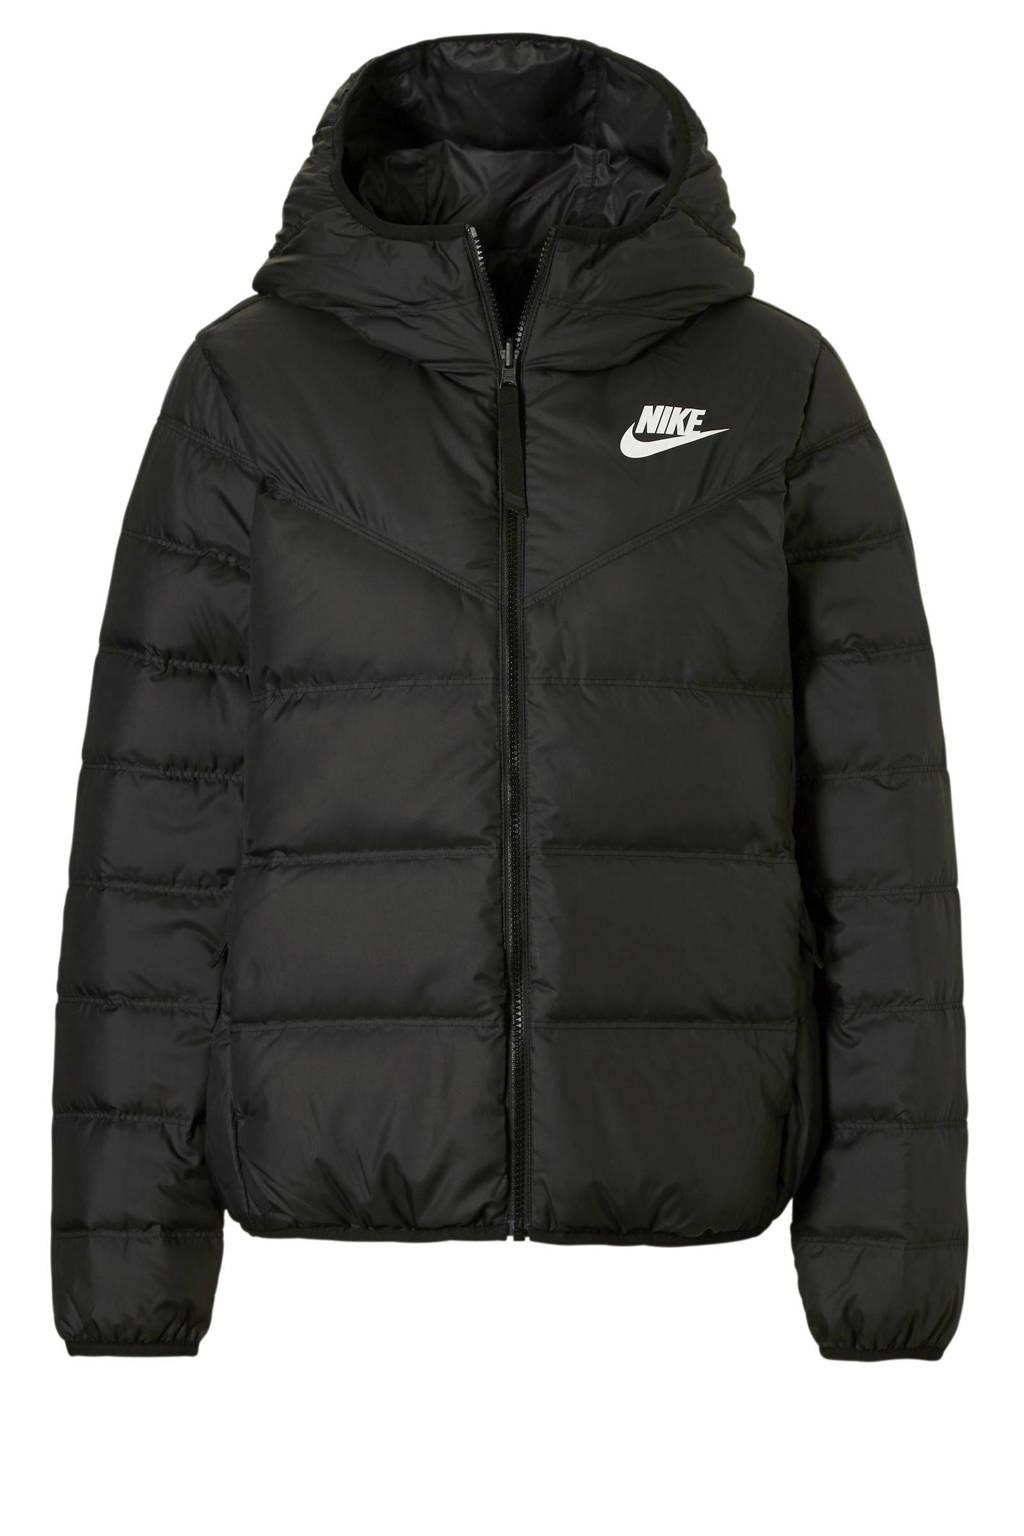 Nike jas reversible zwart, Zwart/wit